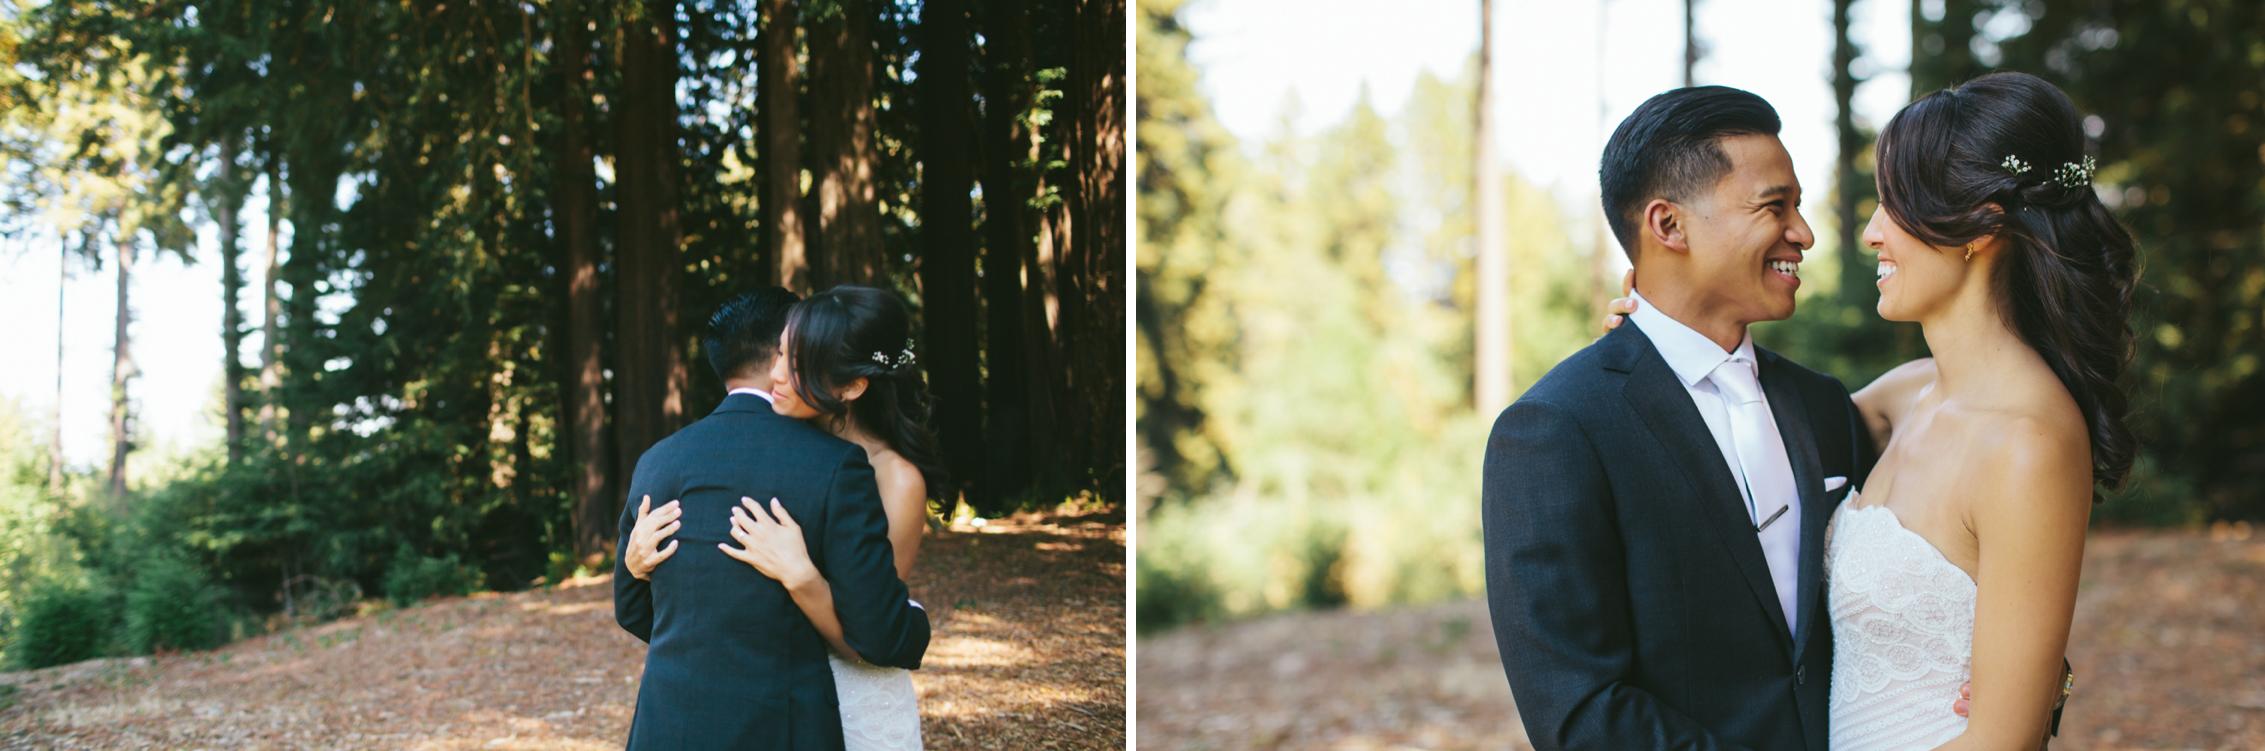 WeRomantics_Jessica-Reuben-Wedding Page 8.jpg